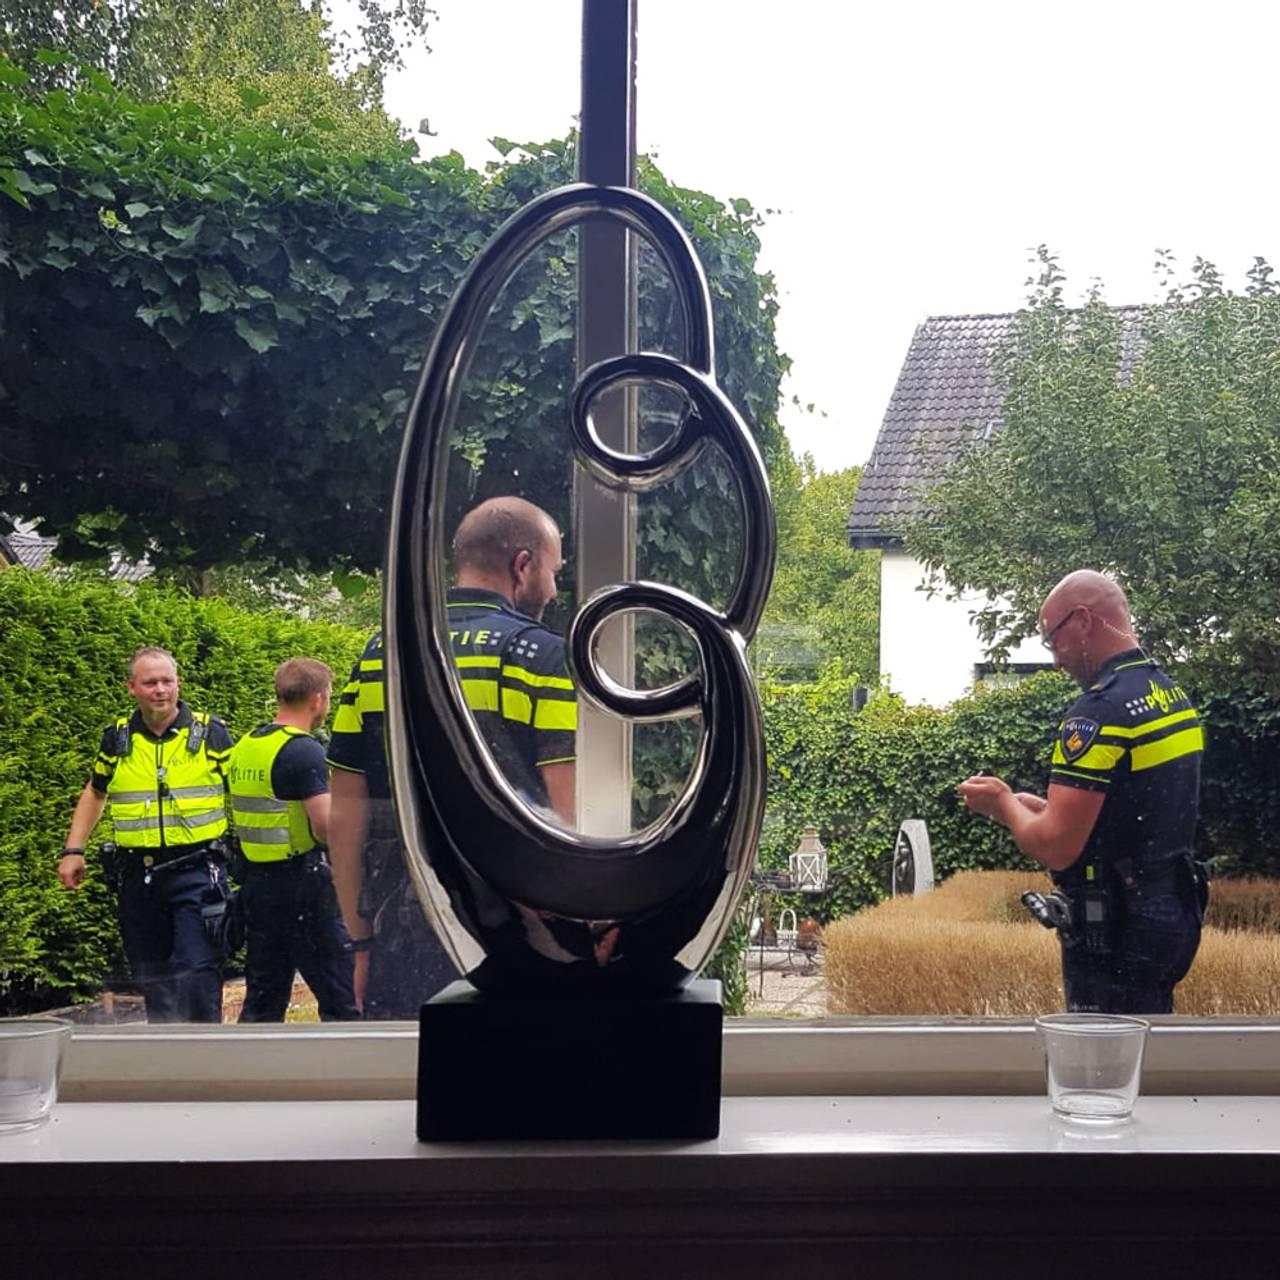 Politiet hos Ben van Wijhe etter angrepet